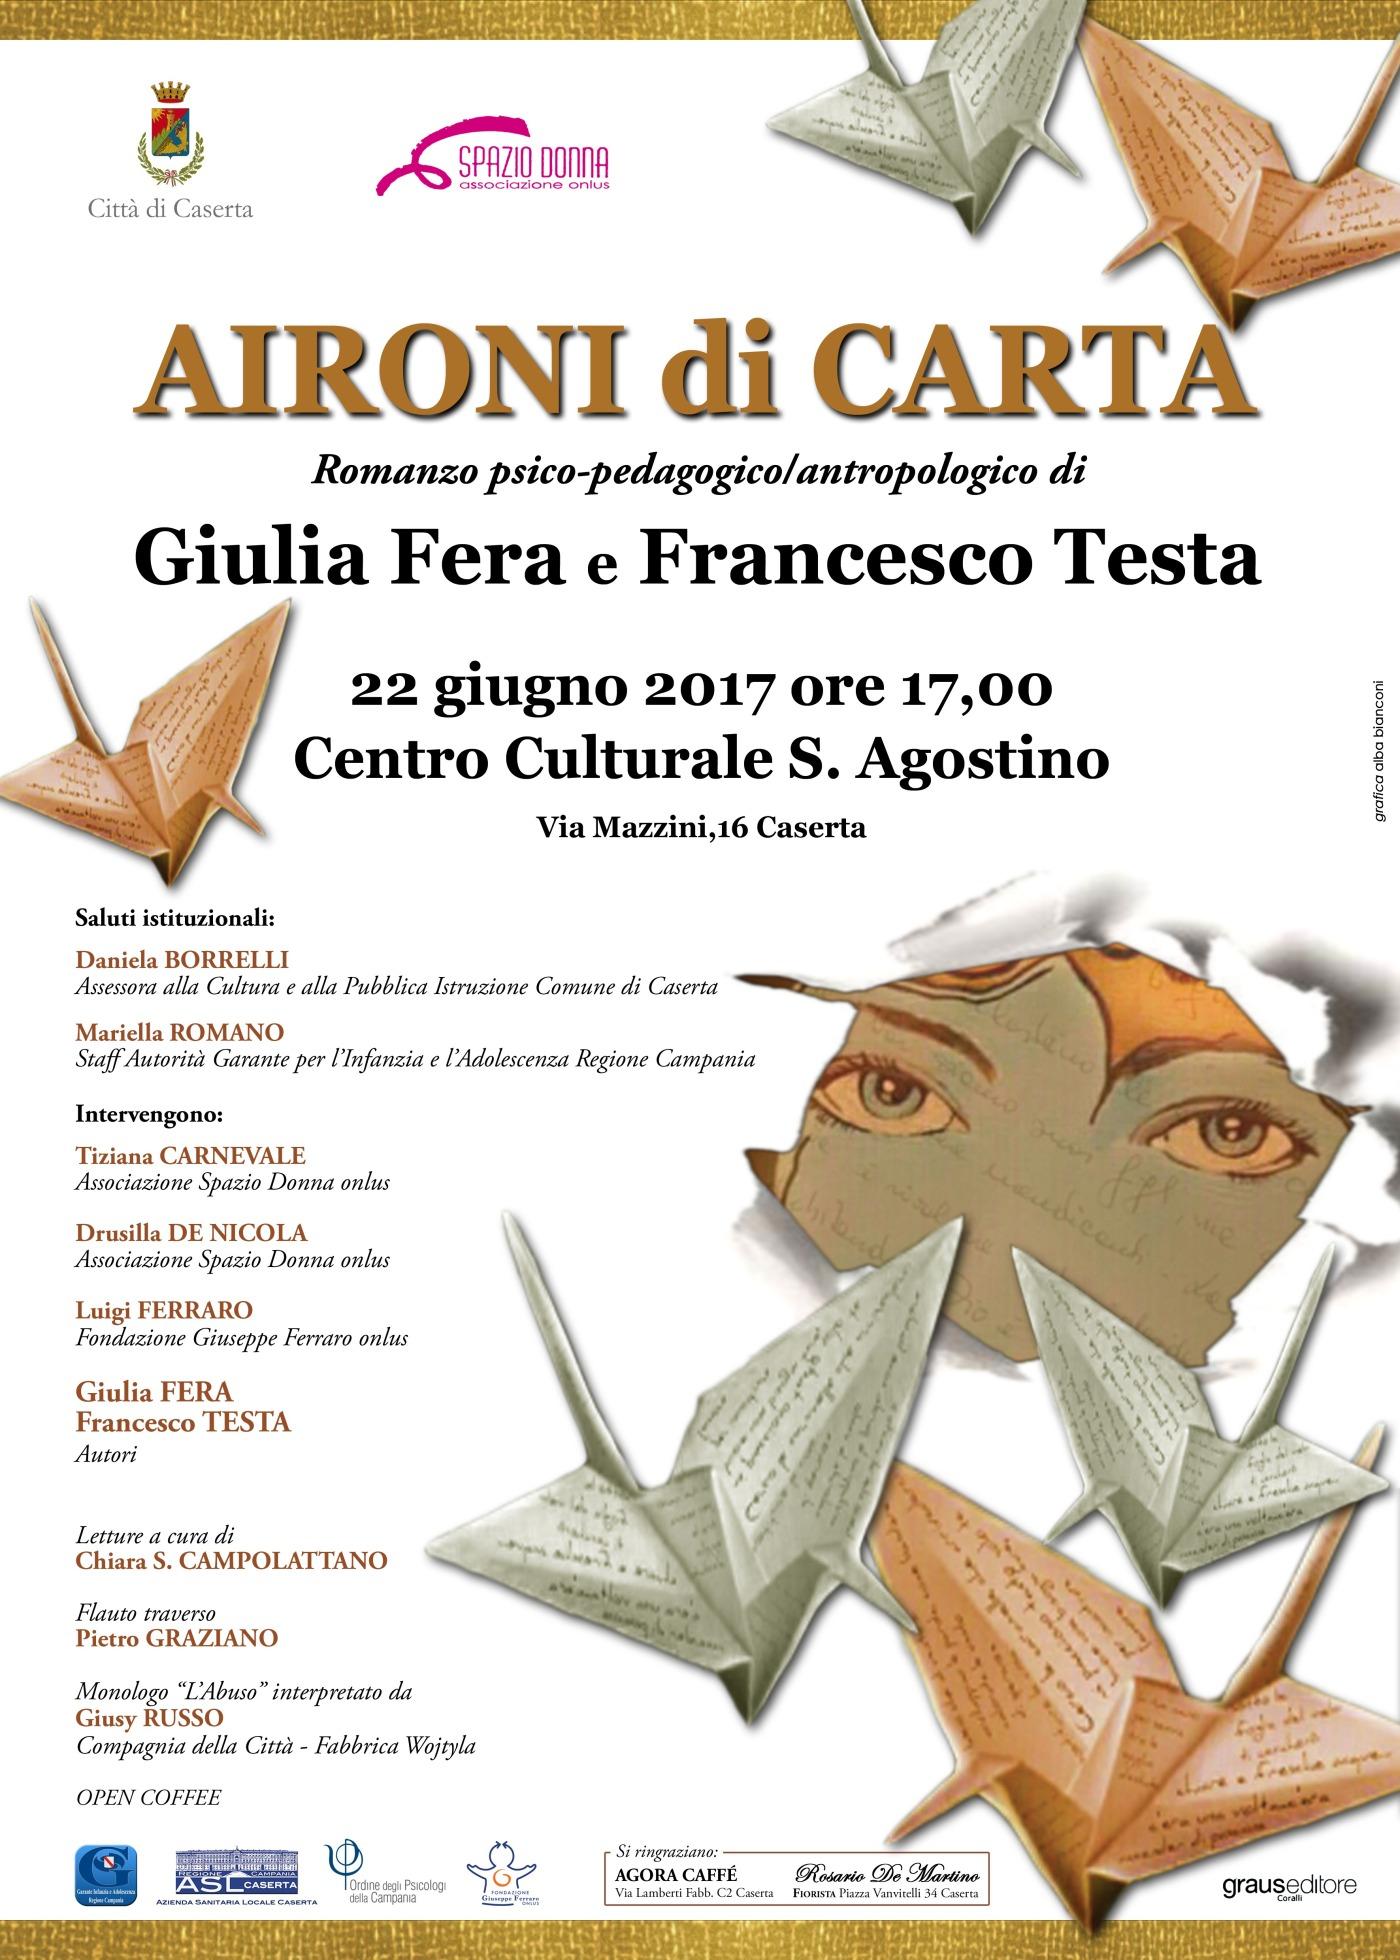 Giulia Fera E Francesco Testa Presentano Il Romanzo Aironi